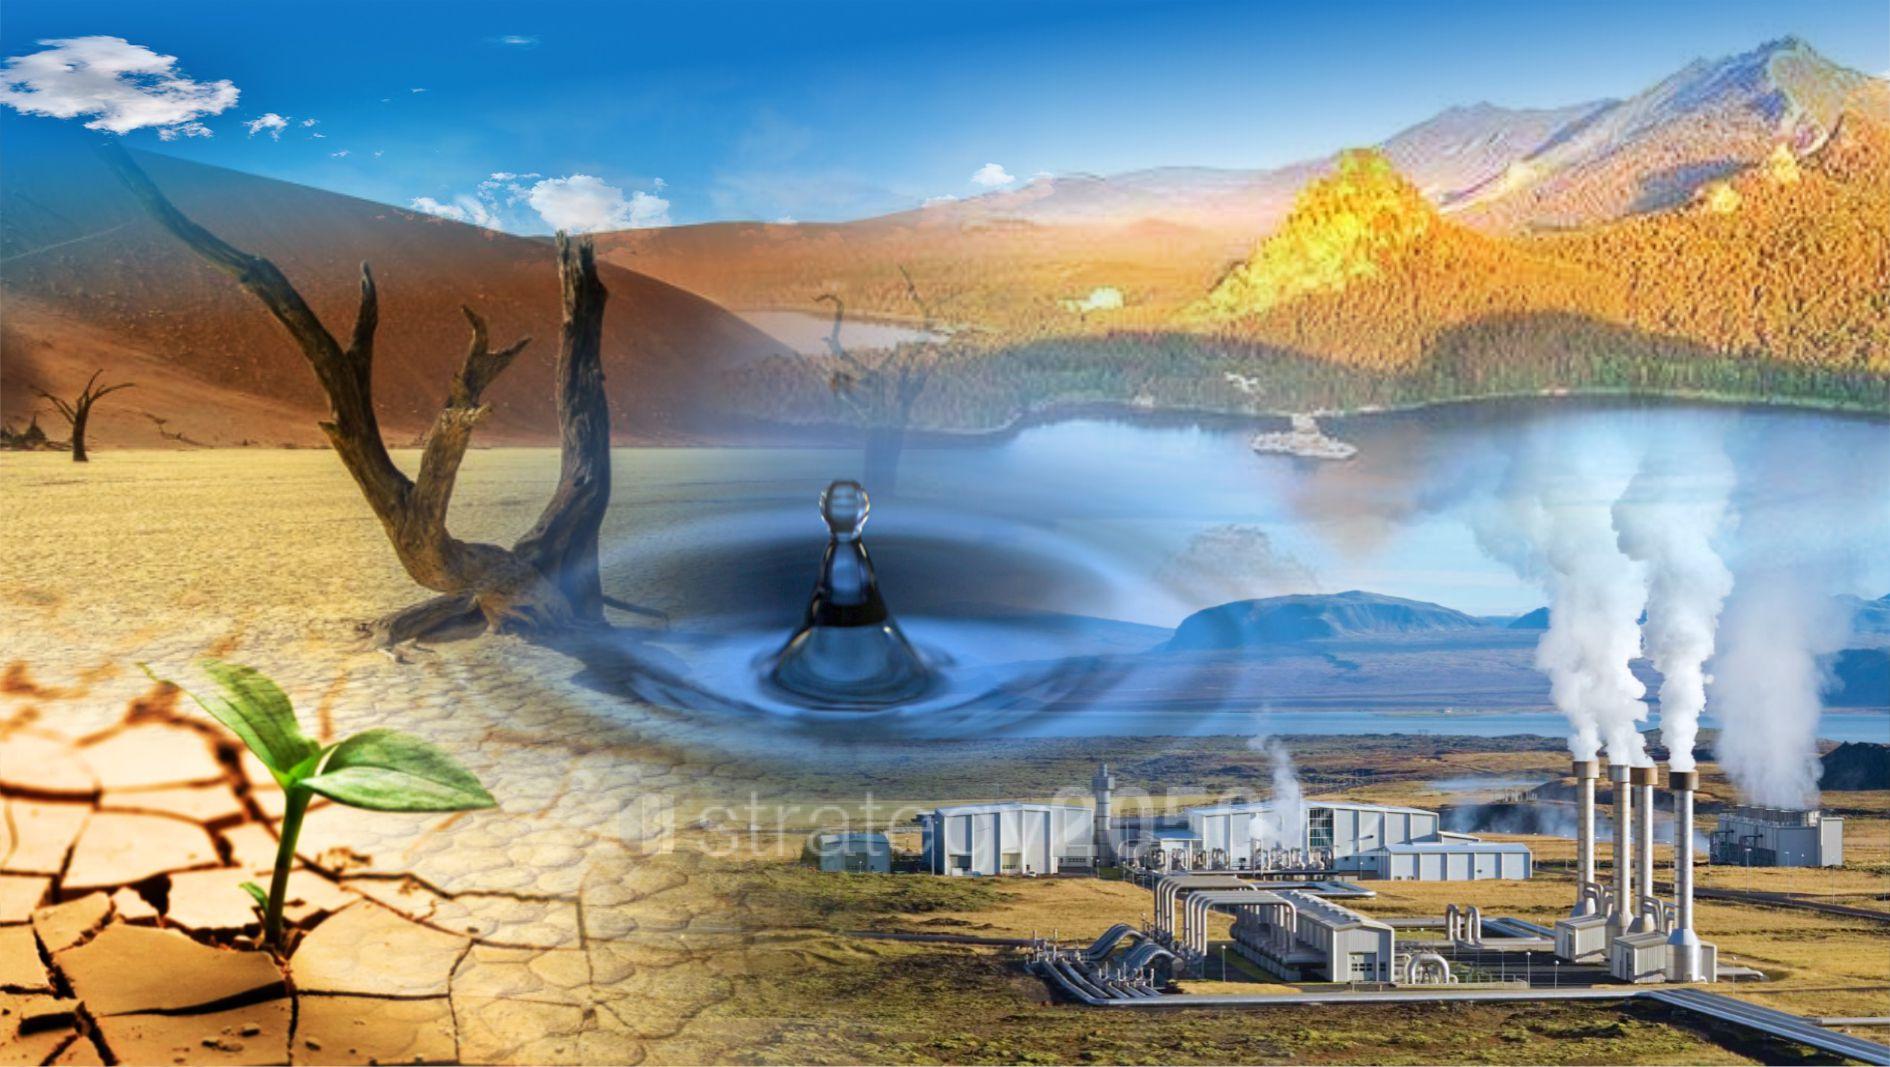 Картинки экологии в казахстане